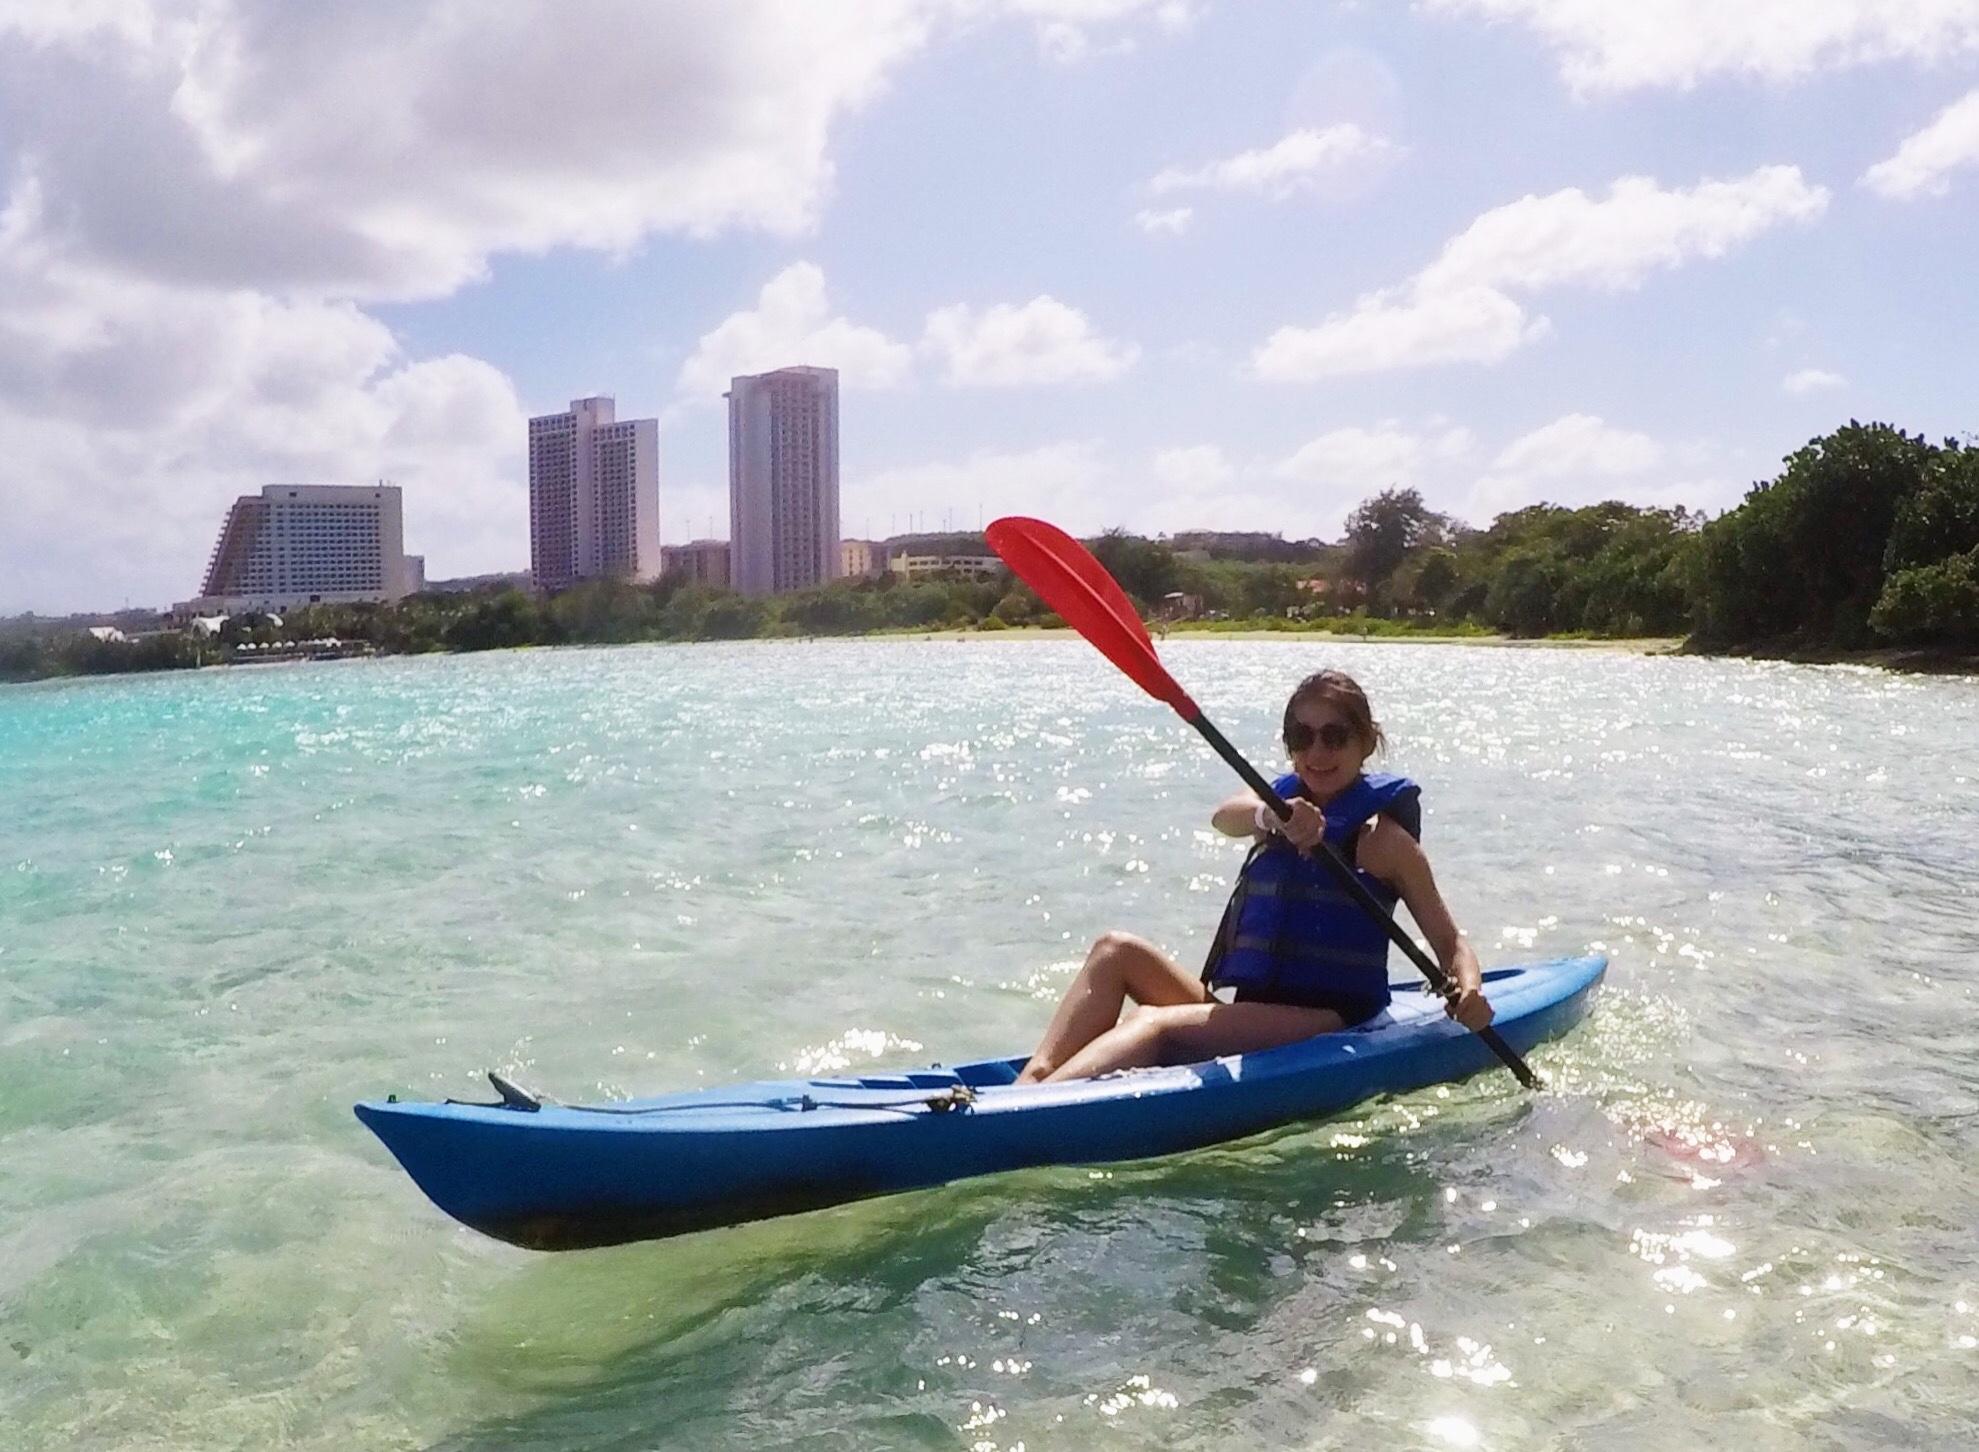 1日中遊べるマリンアクティビティもヒルトン グアム ホテル リゾート&スパ セミプライベートビーチで満喫!